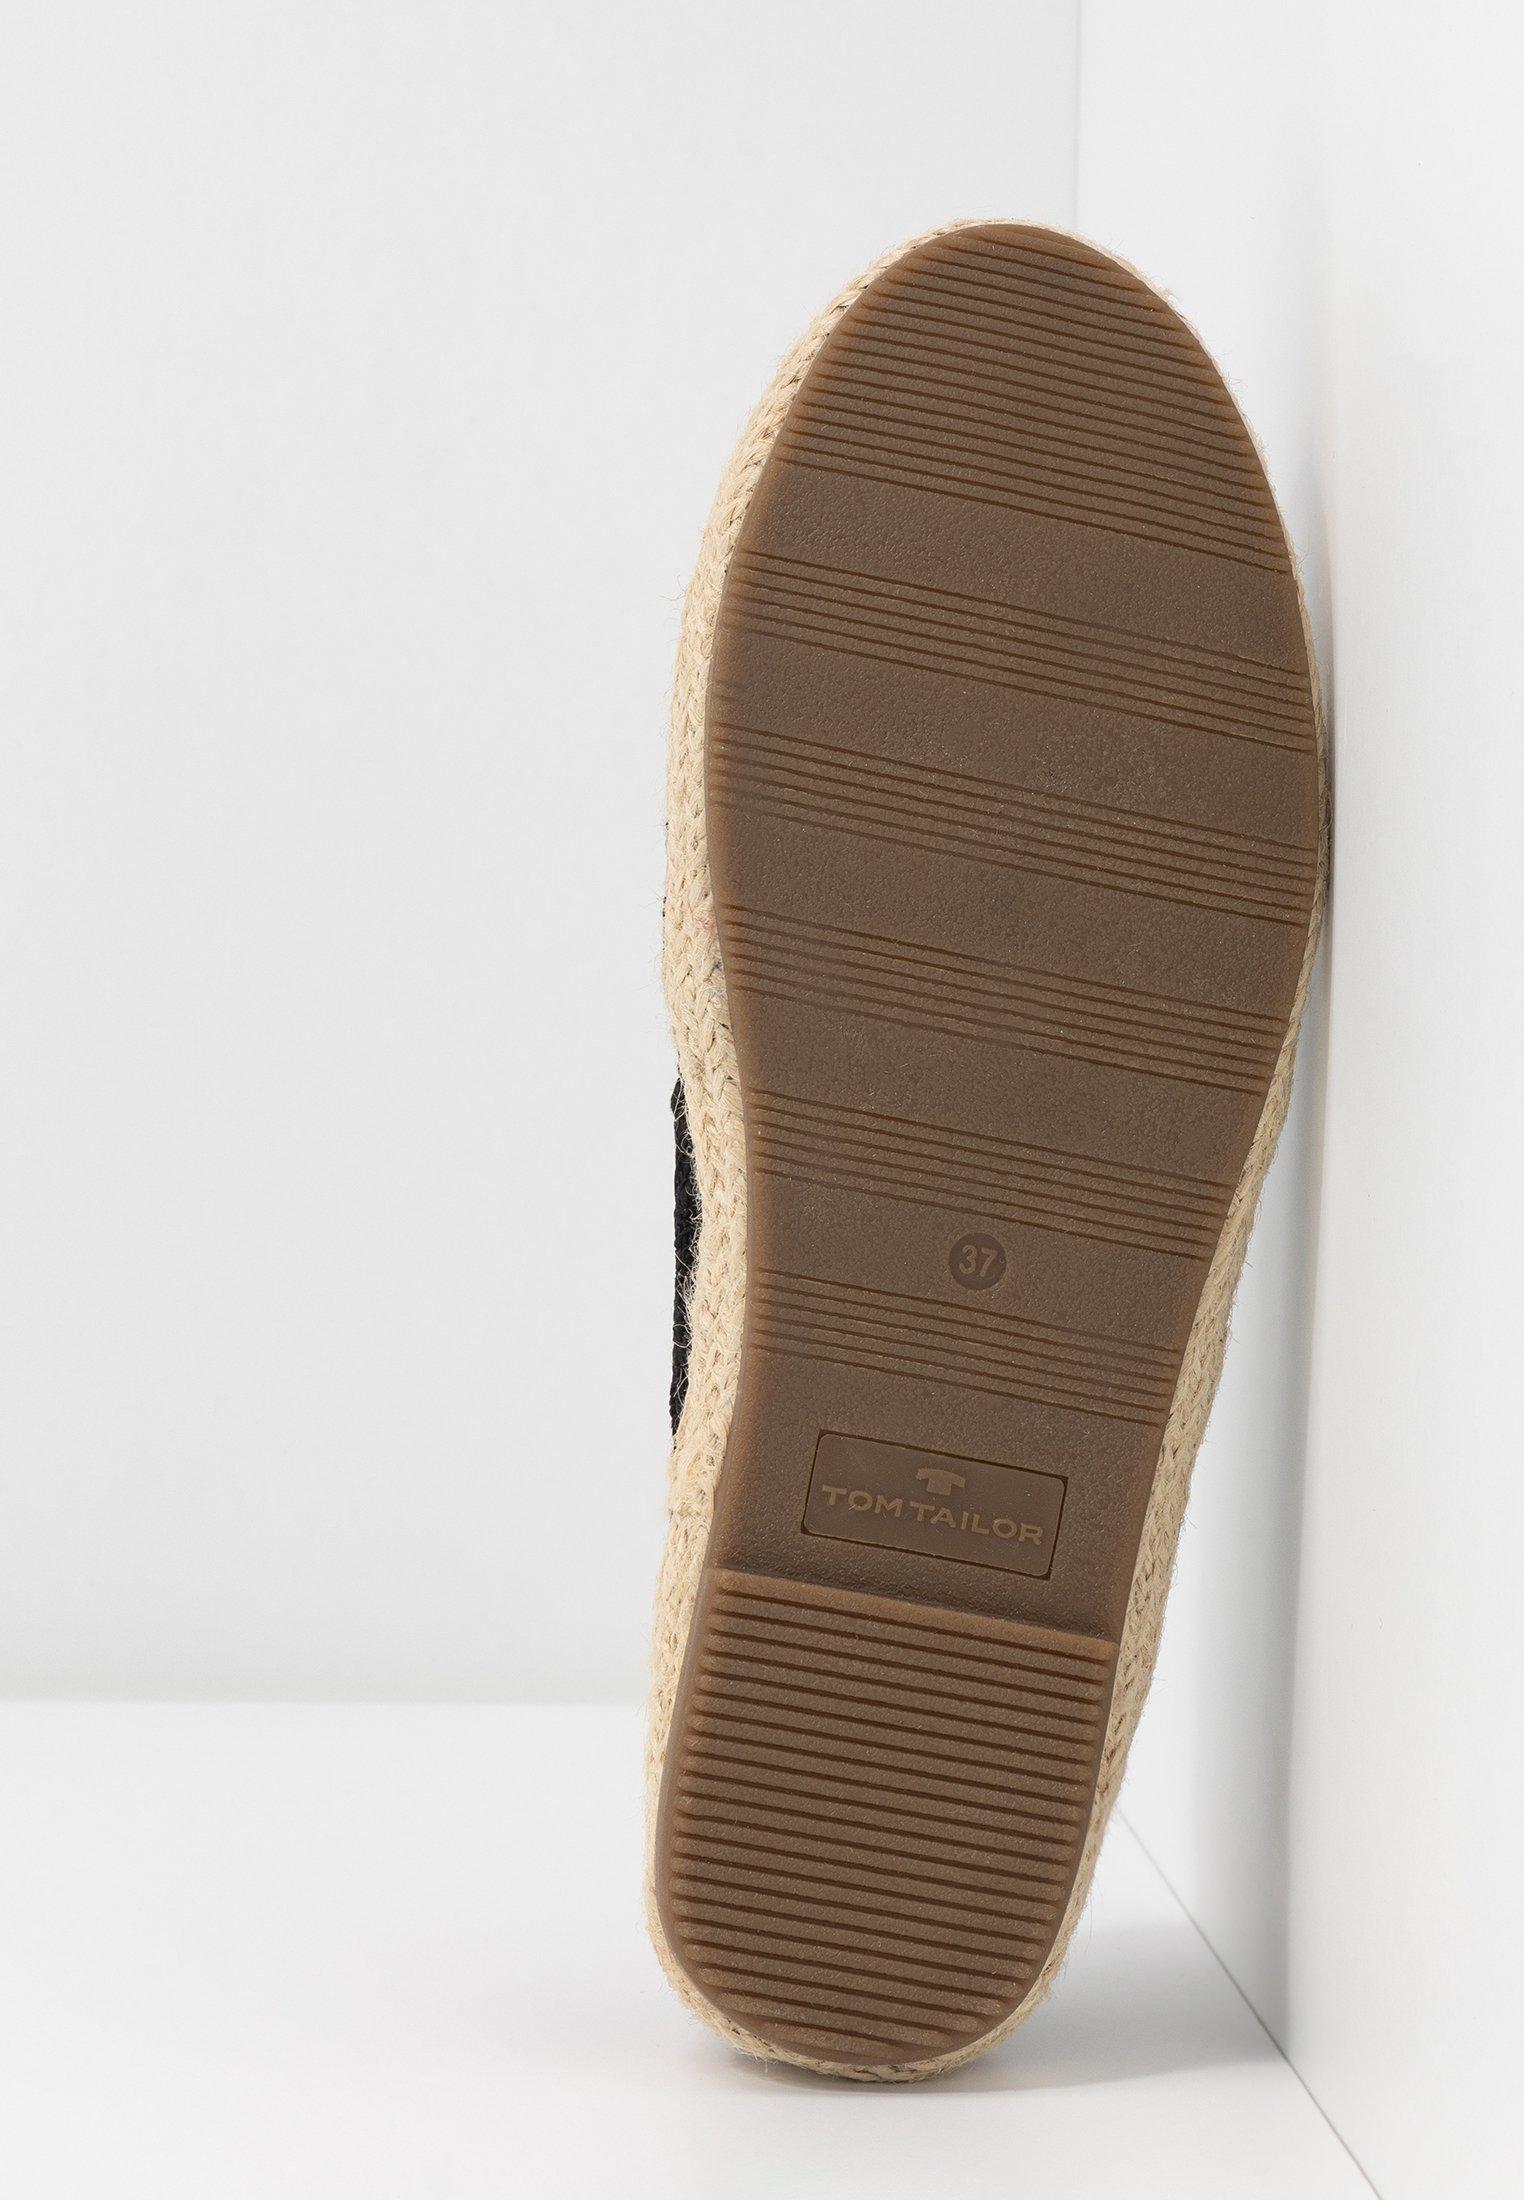 Tom Tailor 8092013 - Espadrilles Black Goedkope Schoenen